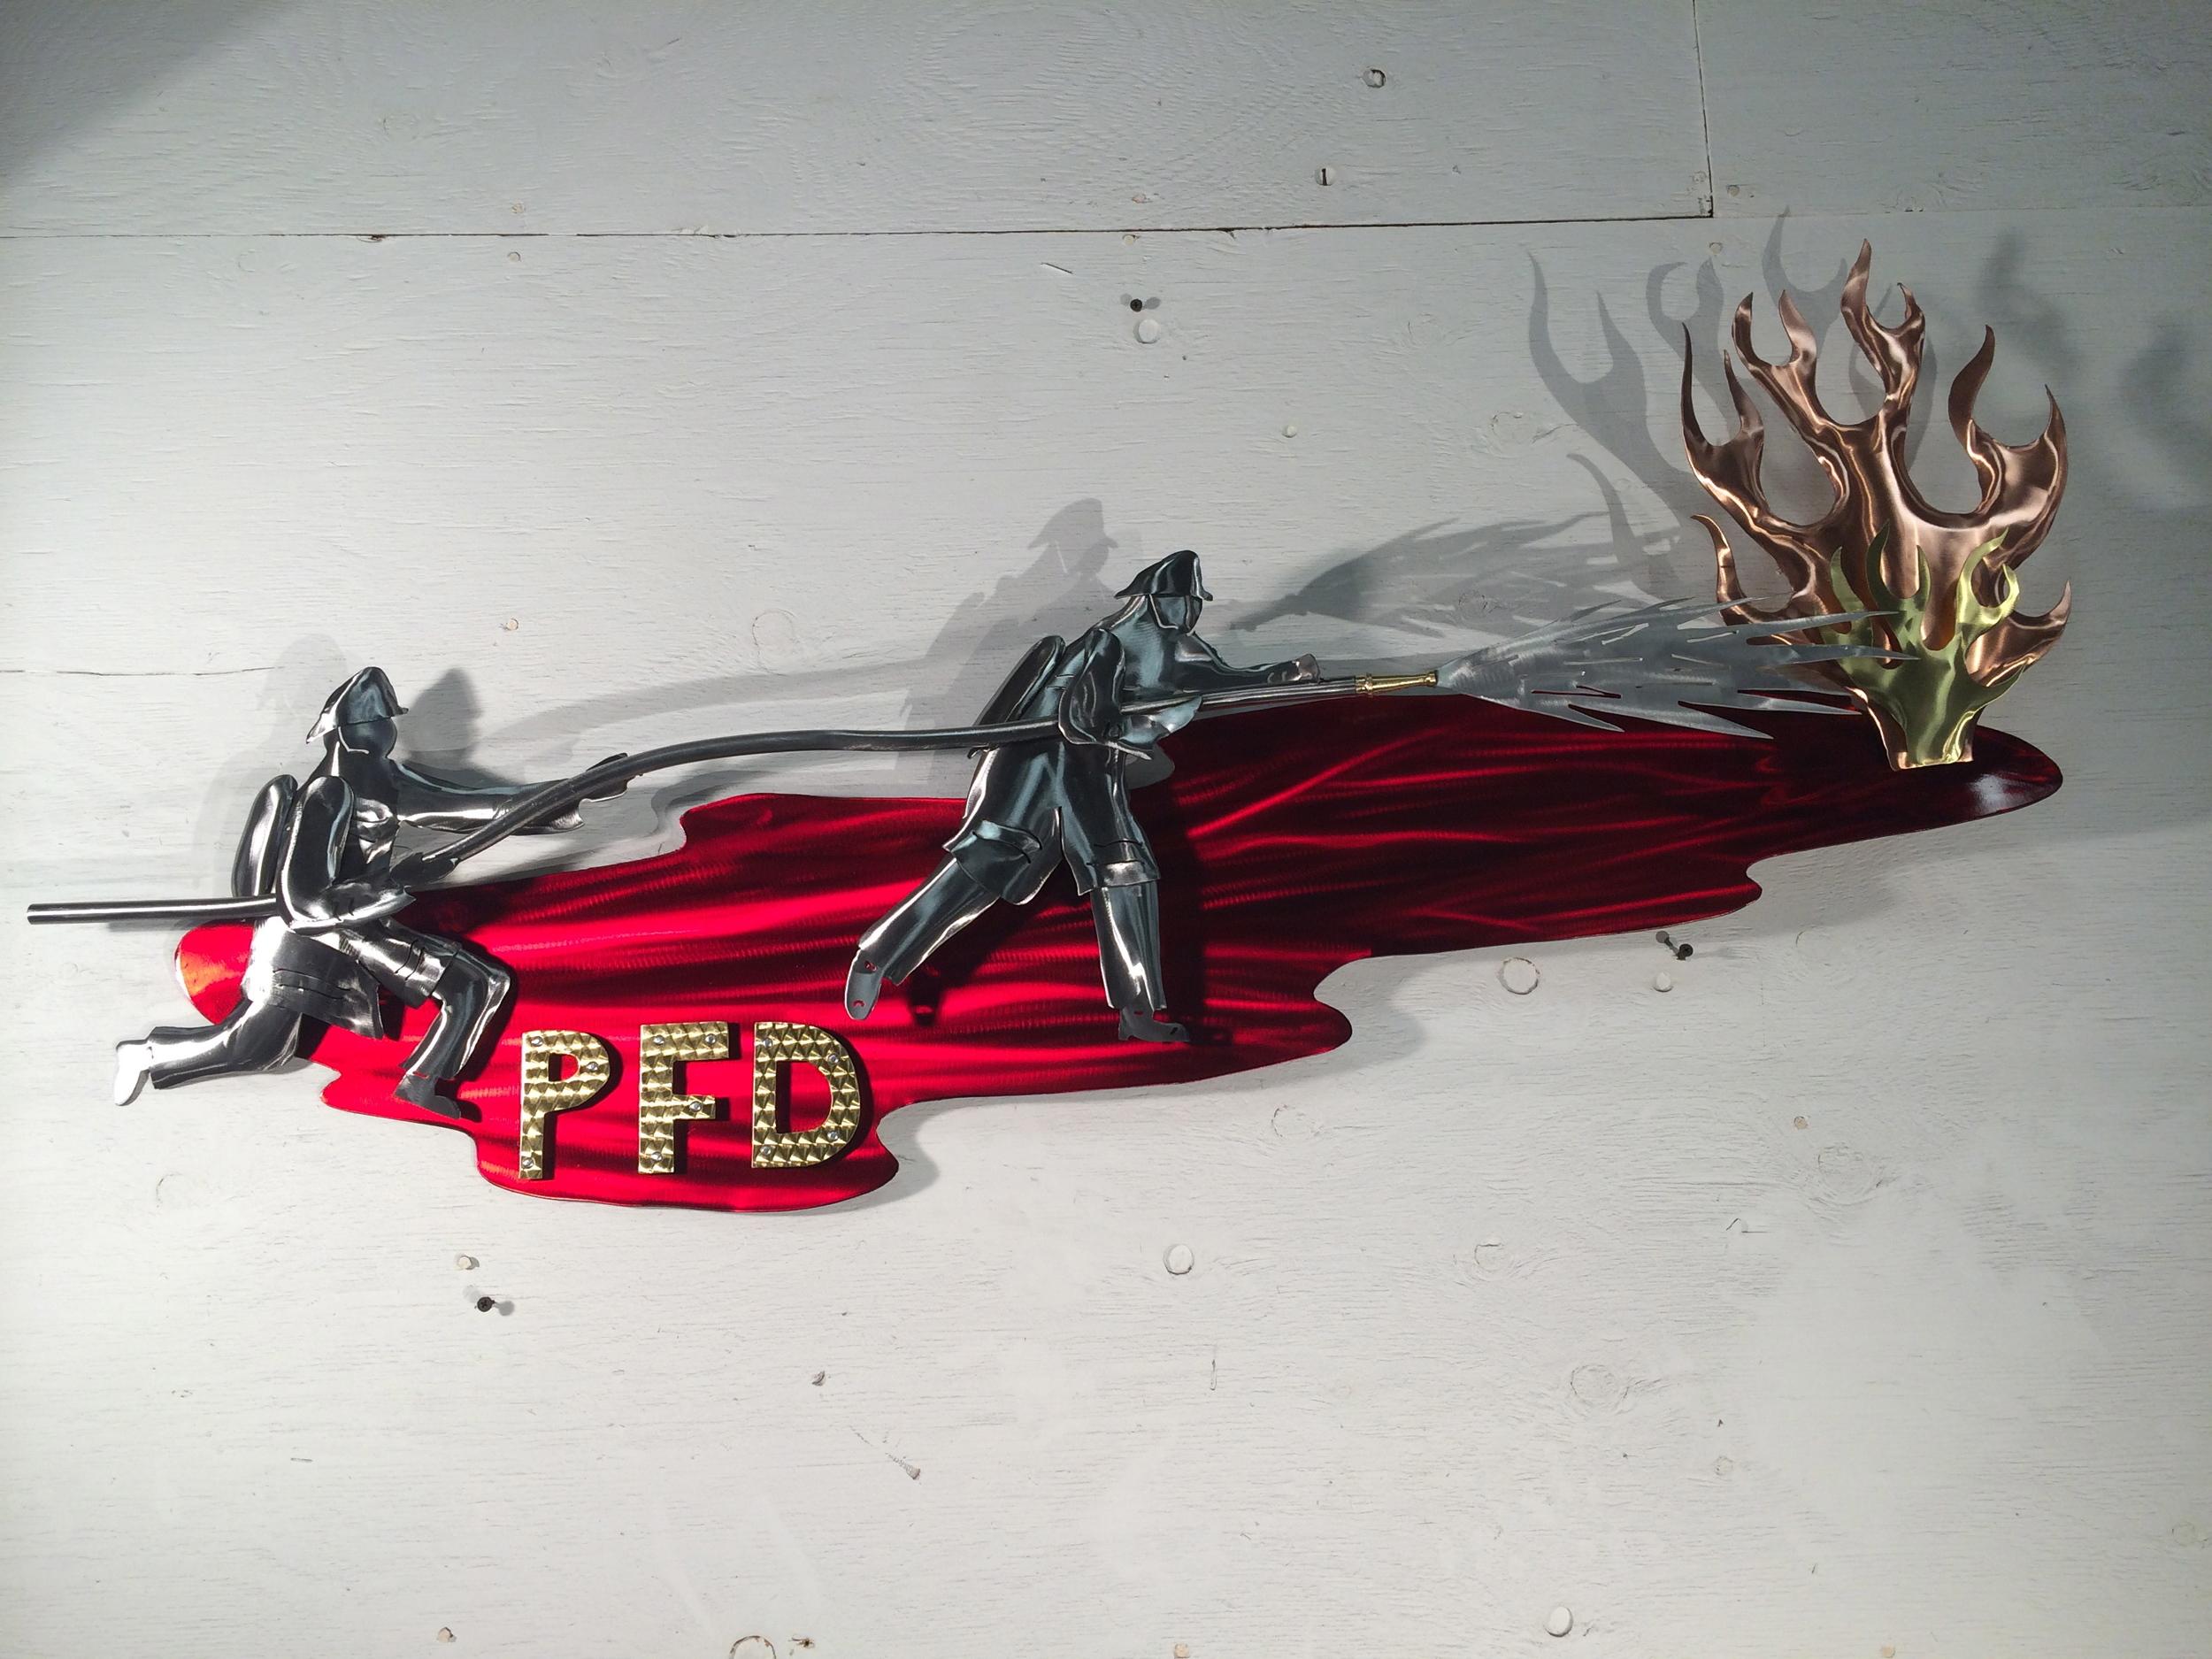 Pratt Fire Department